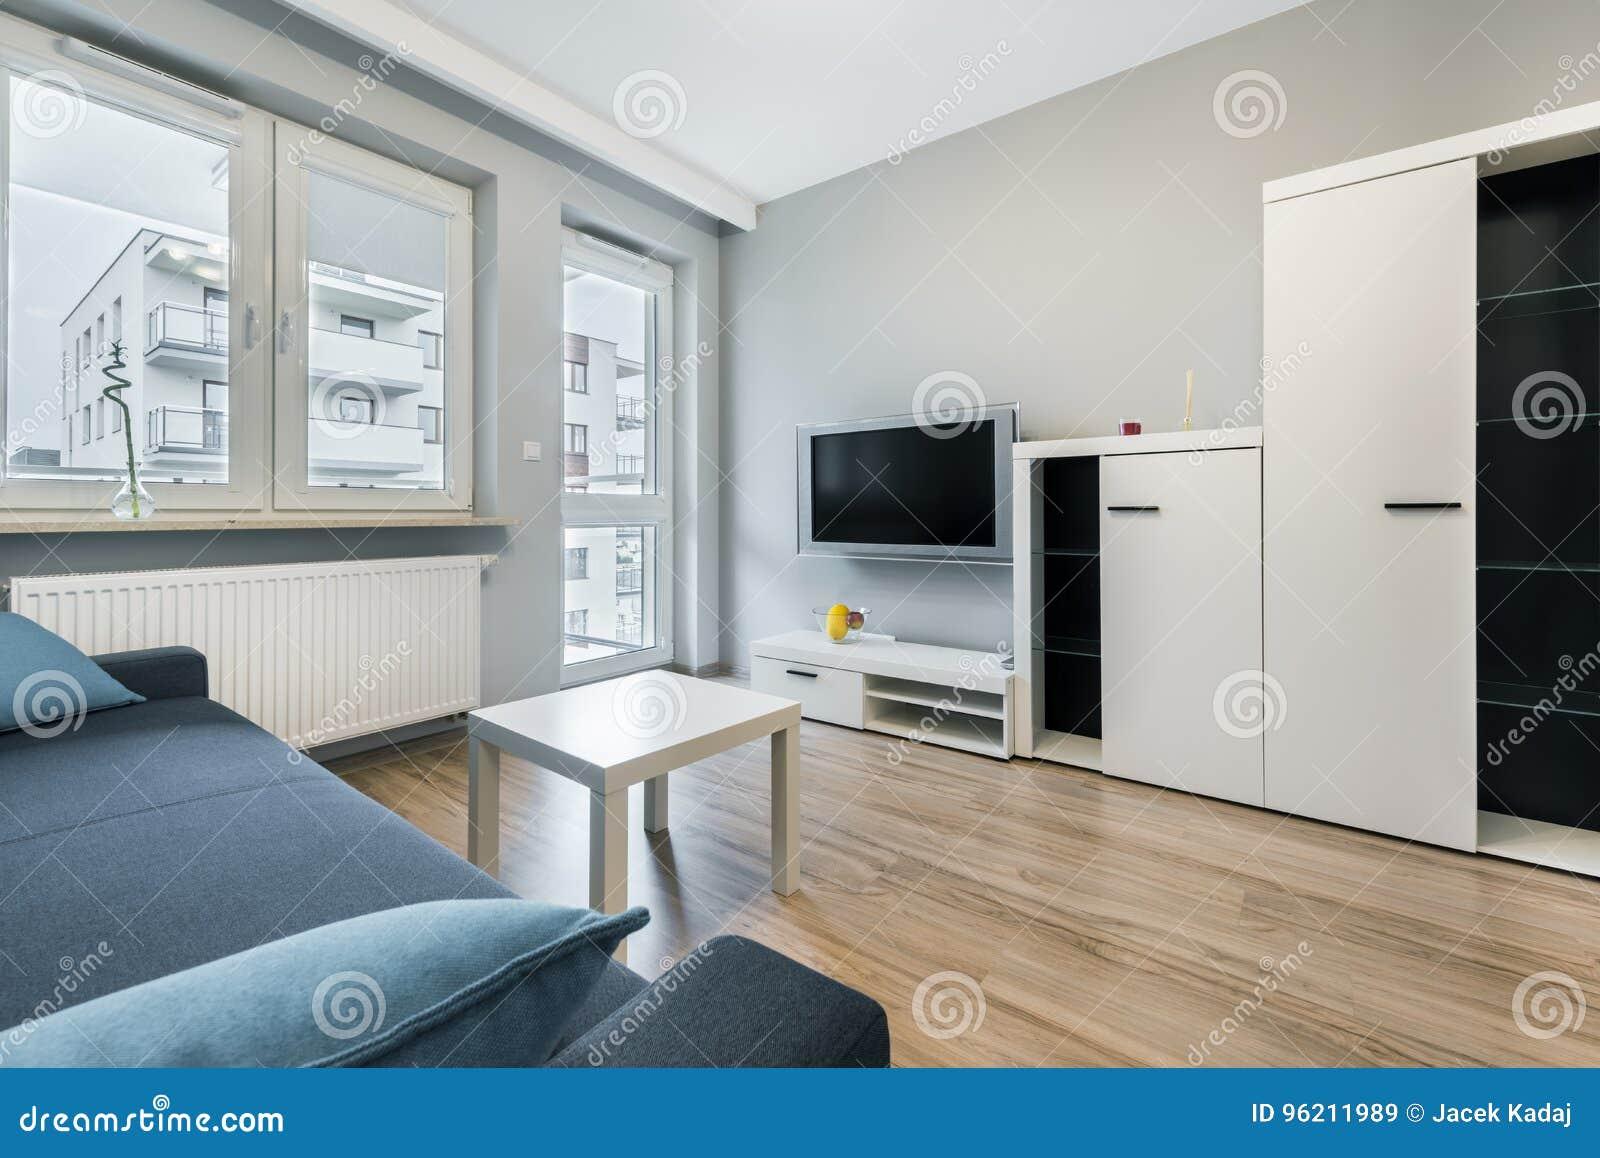 Moderne woonkamer met grijze muren stock afbeelding for Grijze woonkamer